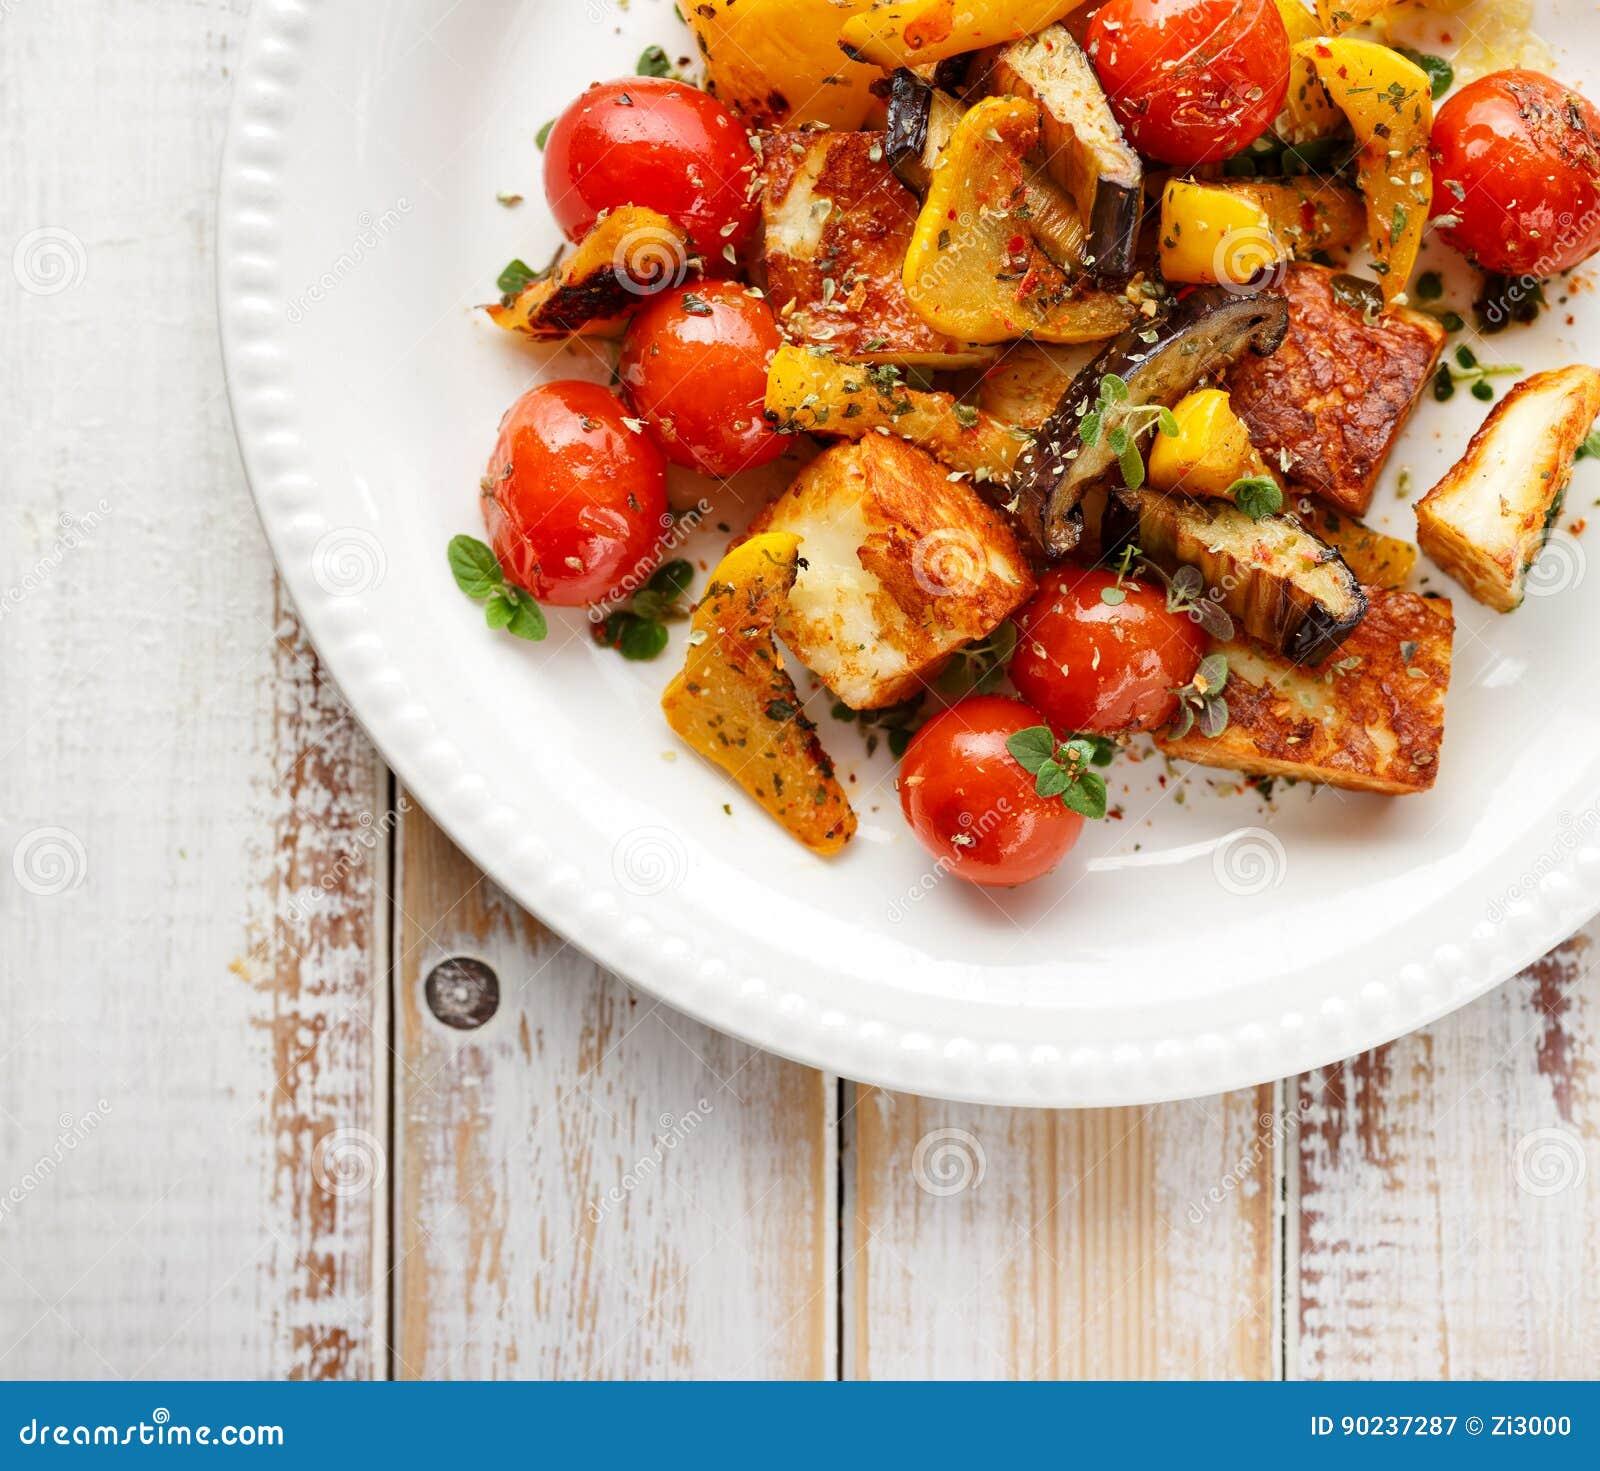 Salat mit gegrilltem halloumi Käse und Gemüse